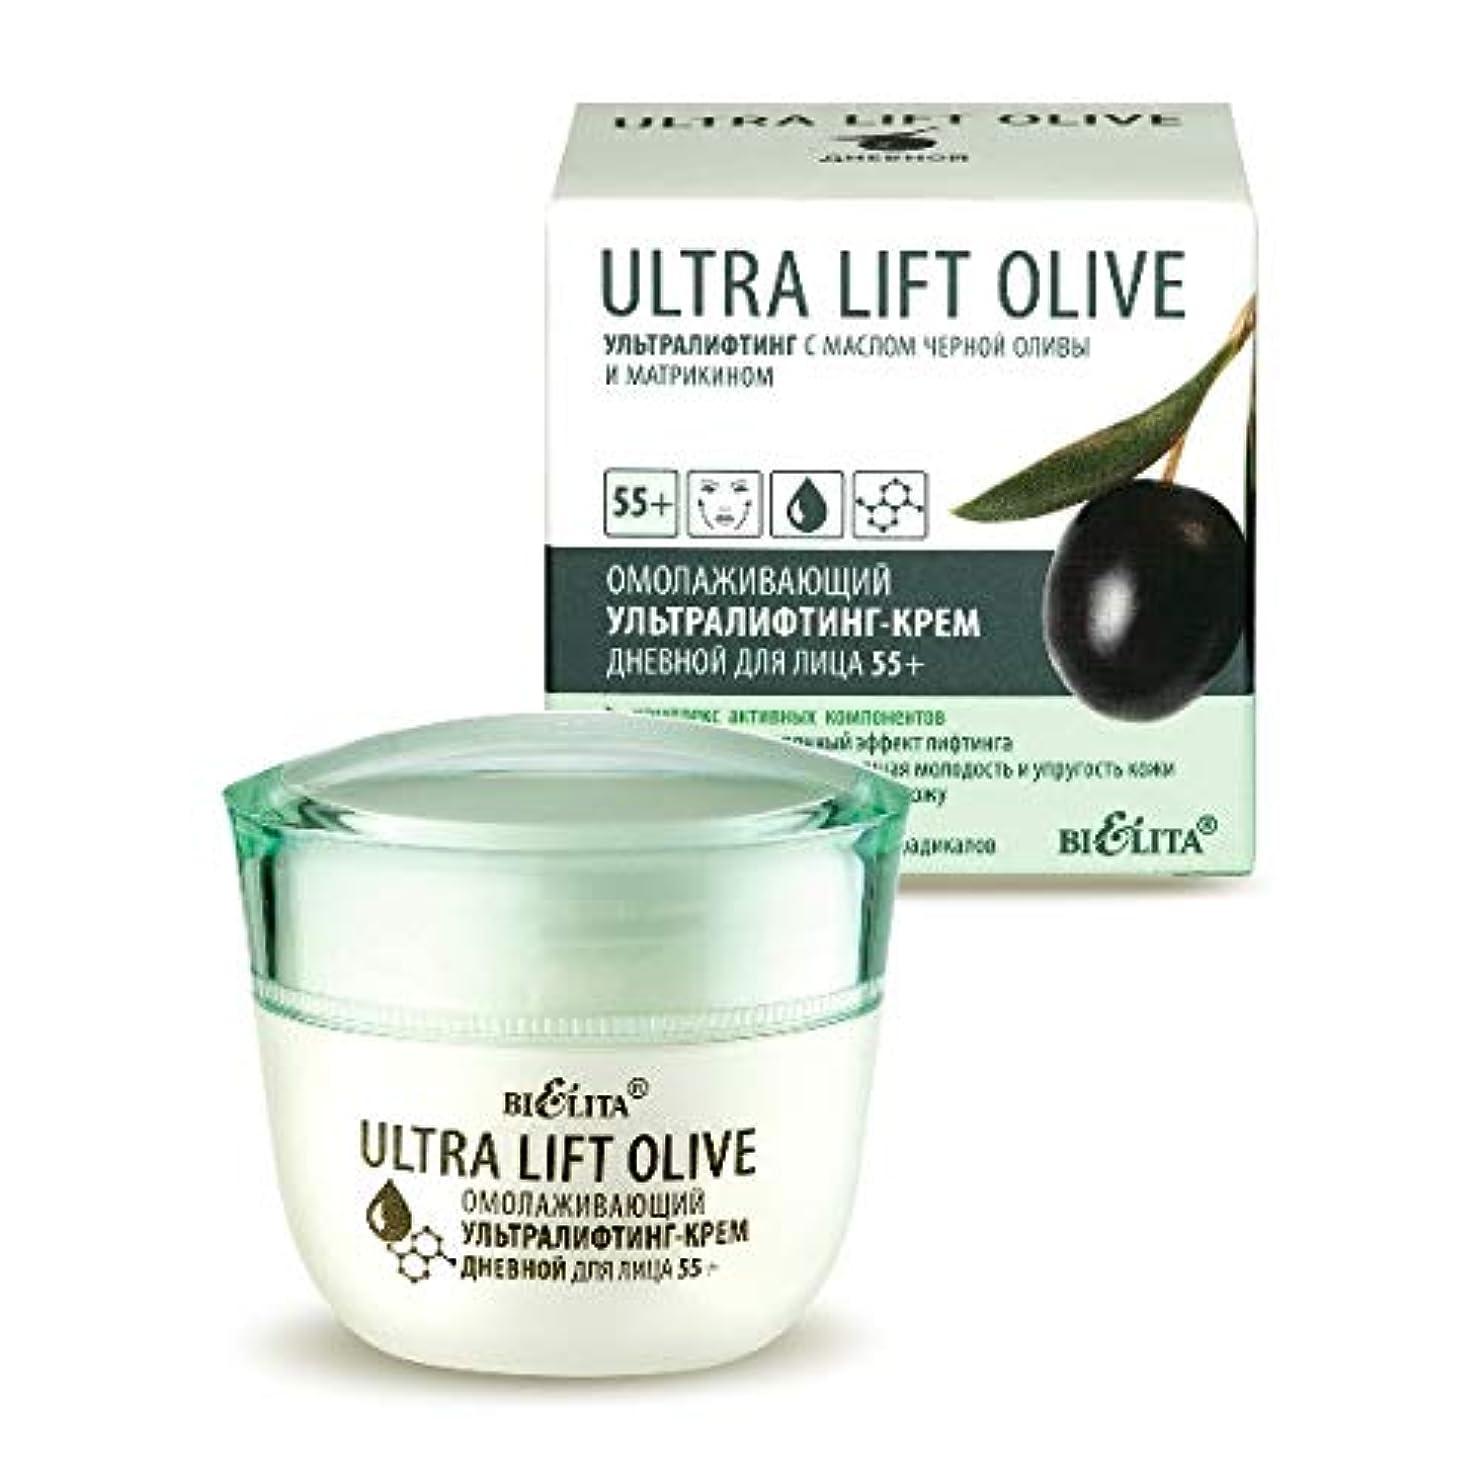 一般化する小康理解Bielita & Vitex | Ultra lift olive | Face Lift Cream daytime ultralighting-face cream 55+ | reduces wrinkles and skin elasticity